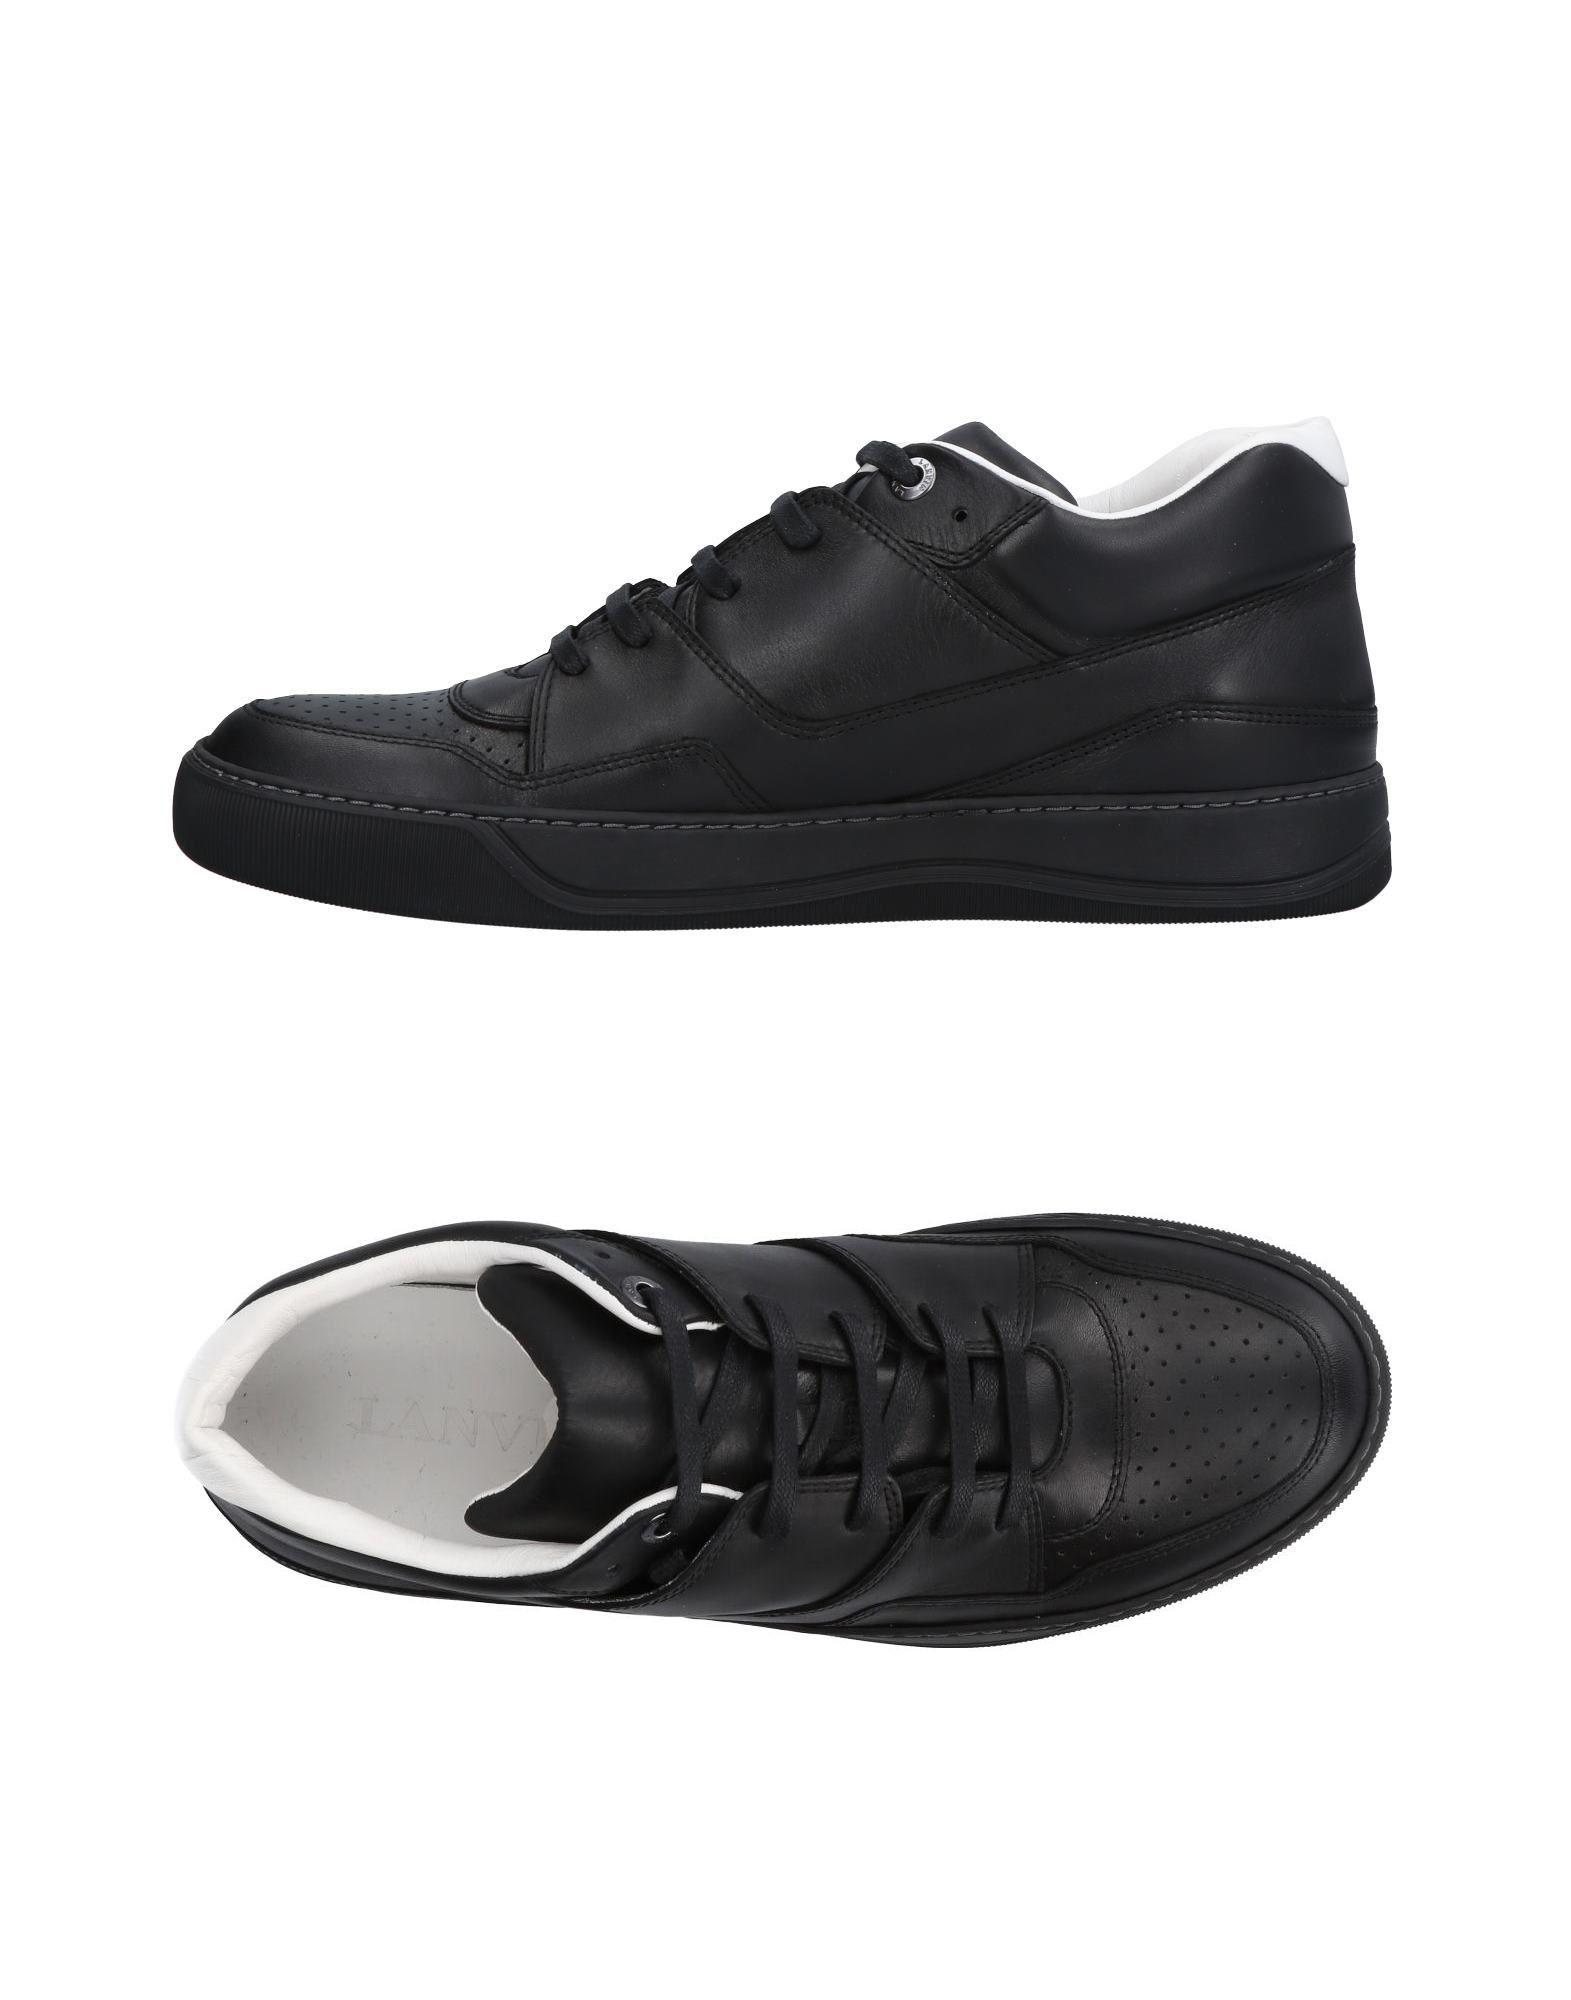 Lanvin Gute Sneakers Herren  11465804AD Gute Lanvin Qualität beliebte Schuhe f0eb48